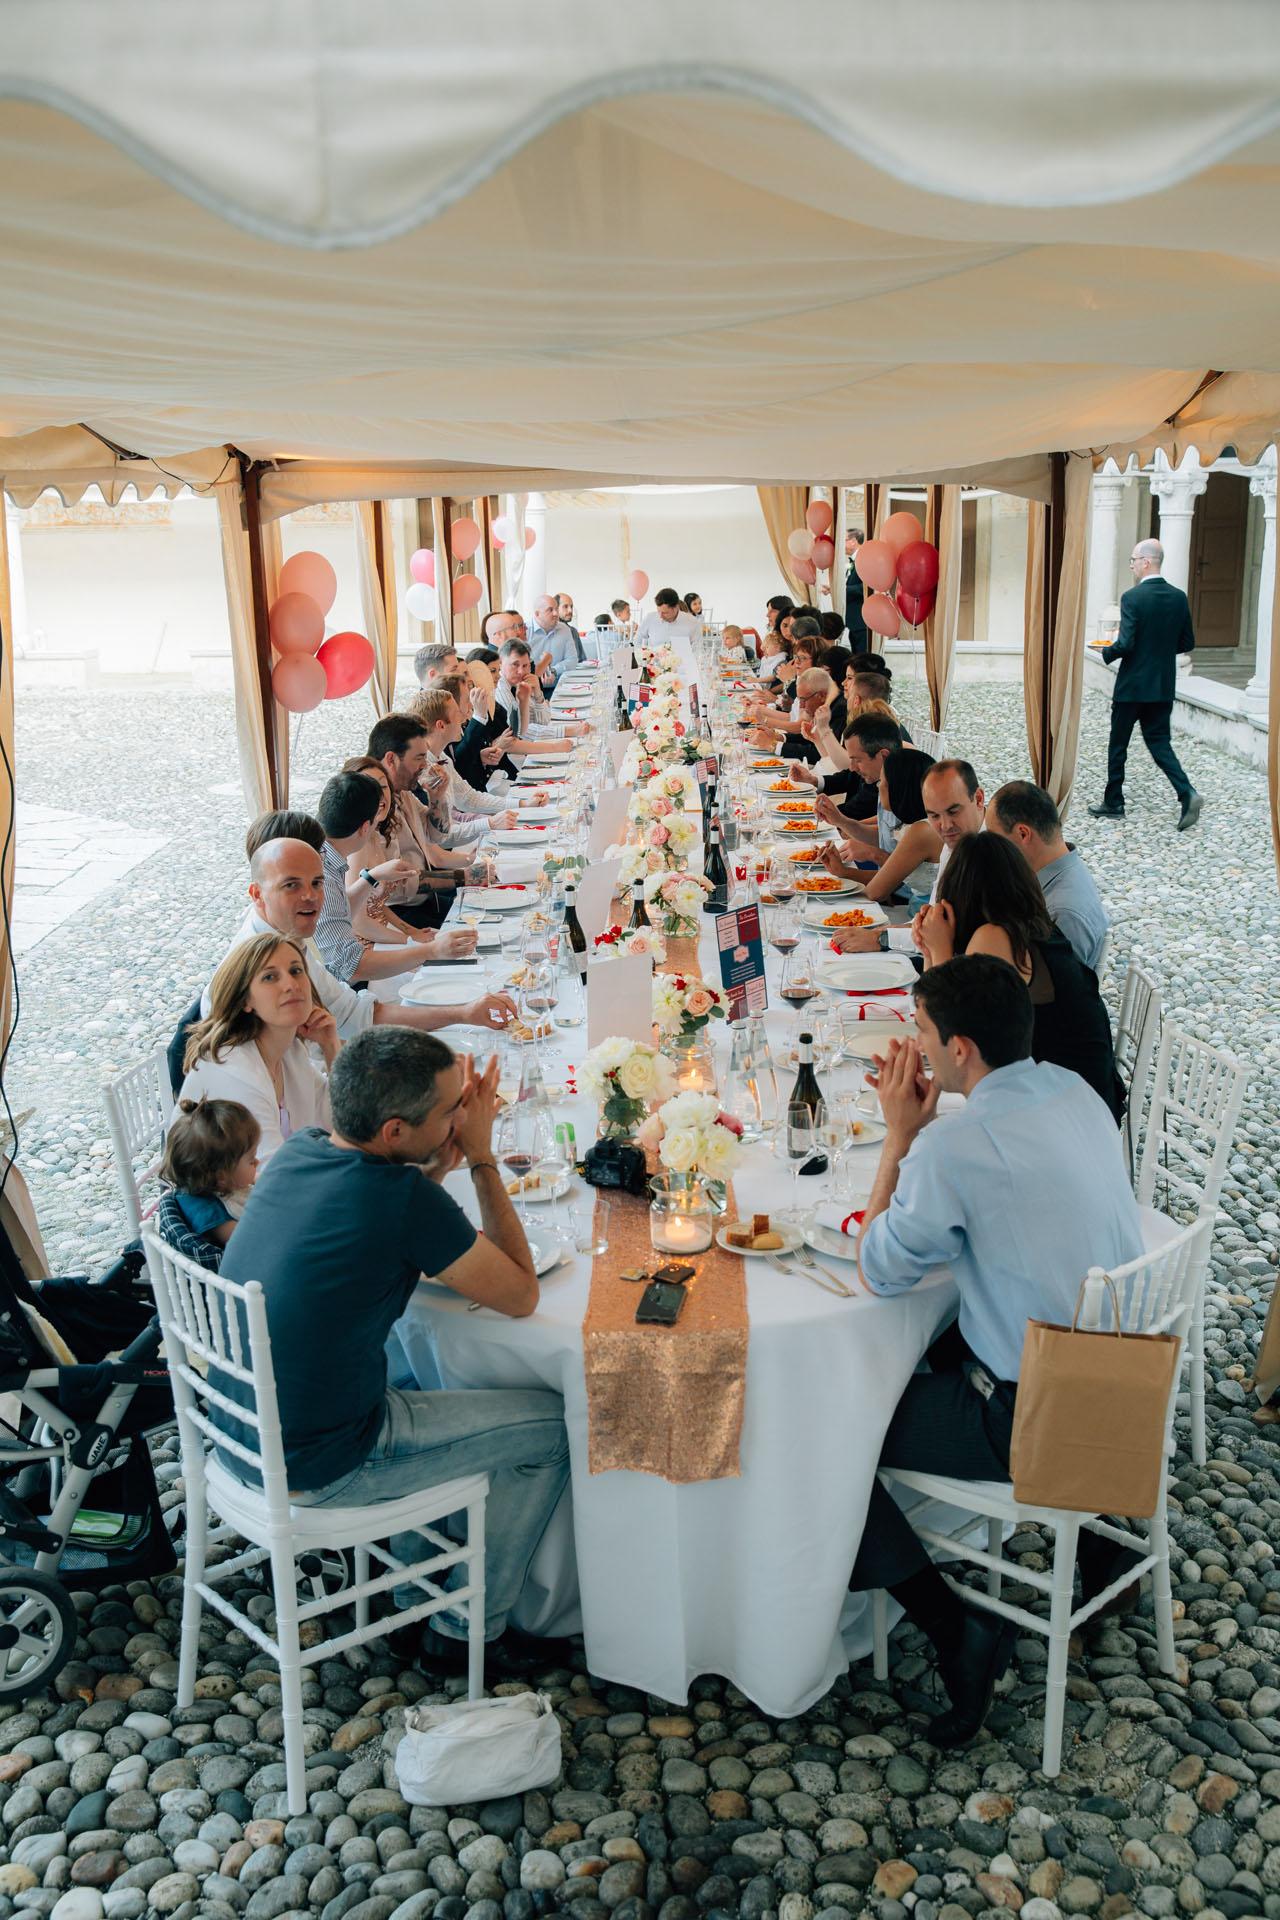 Jessica-Jason-Weddingdestination-Storytelling-Renato-Zanette-Fotografo-Convento-San-Francesco-Conegliano-Treviso-Veneto-Top-Banqueting